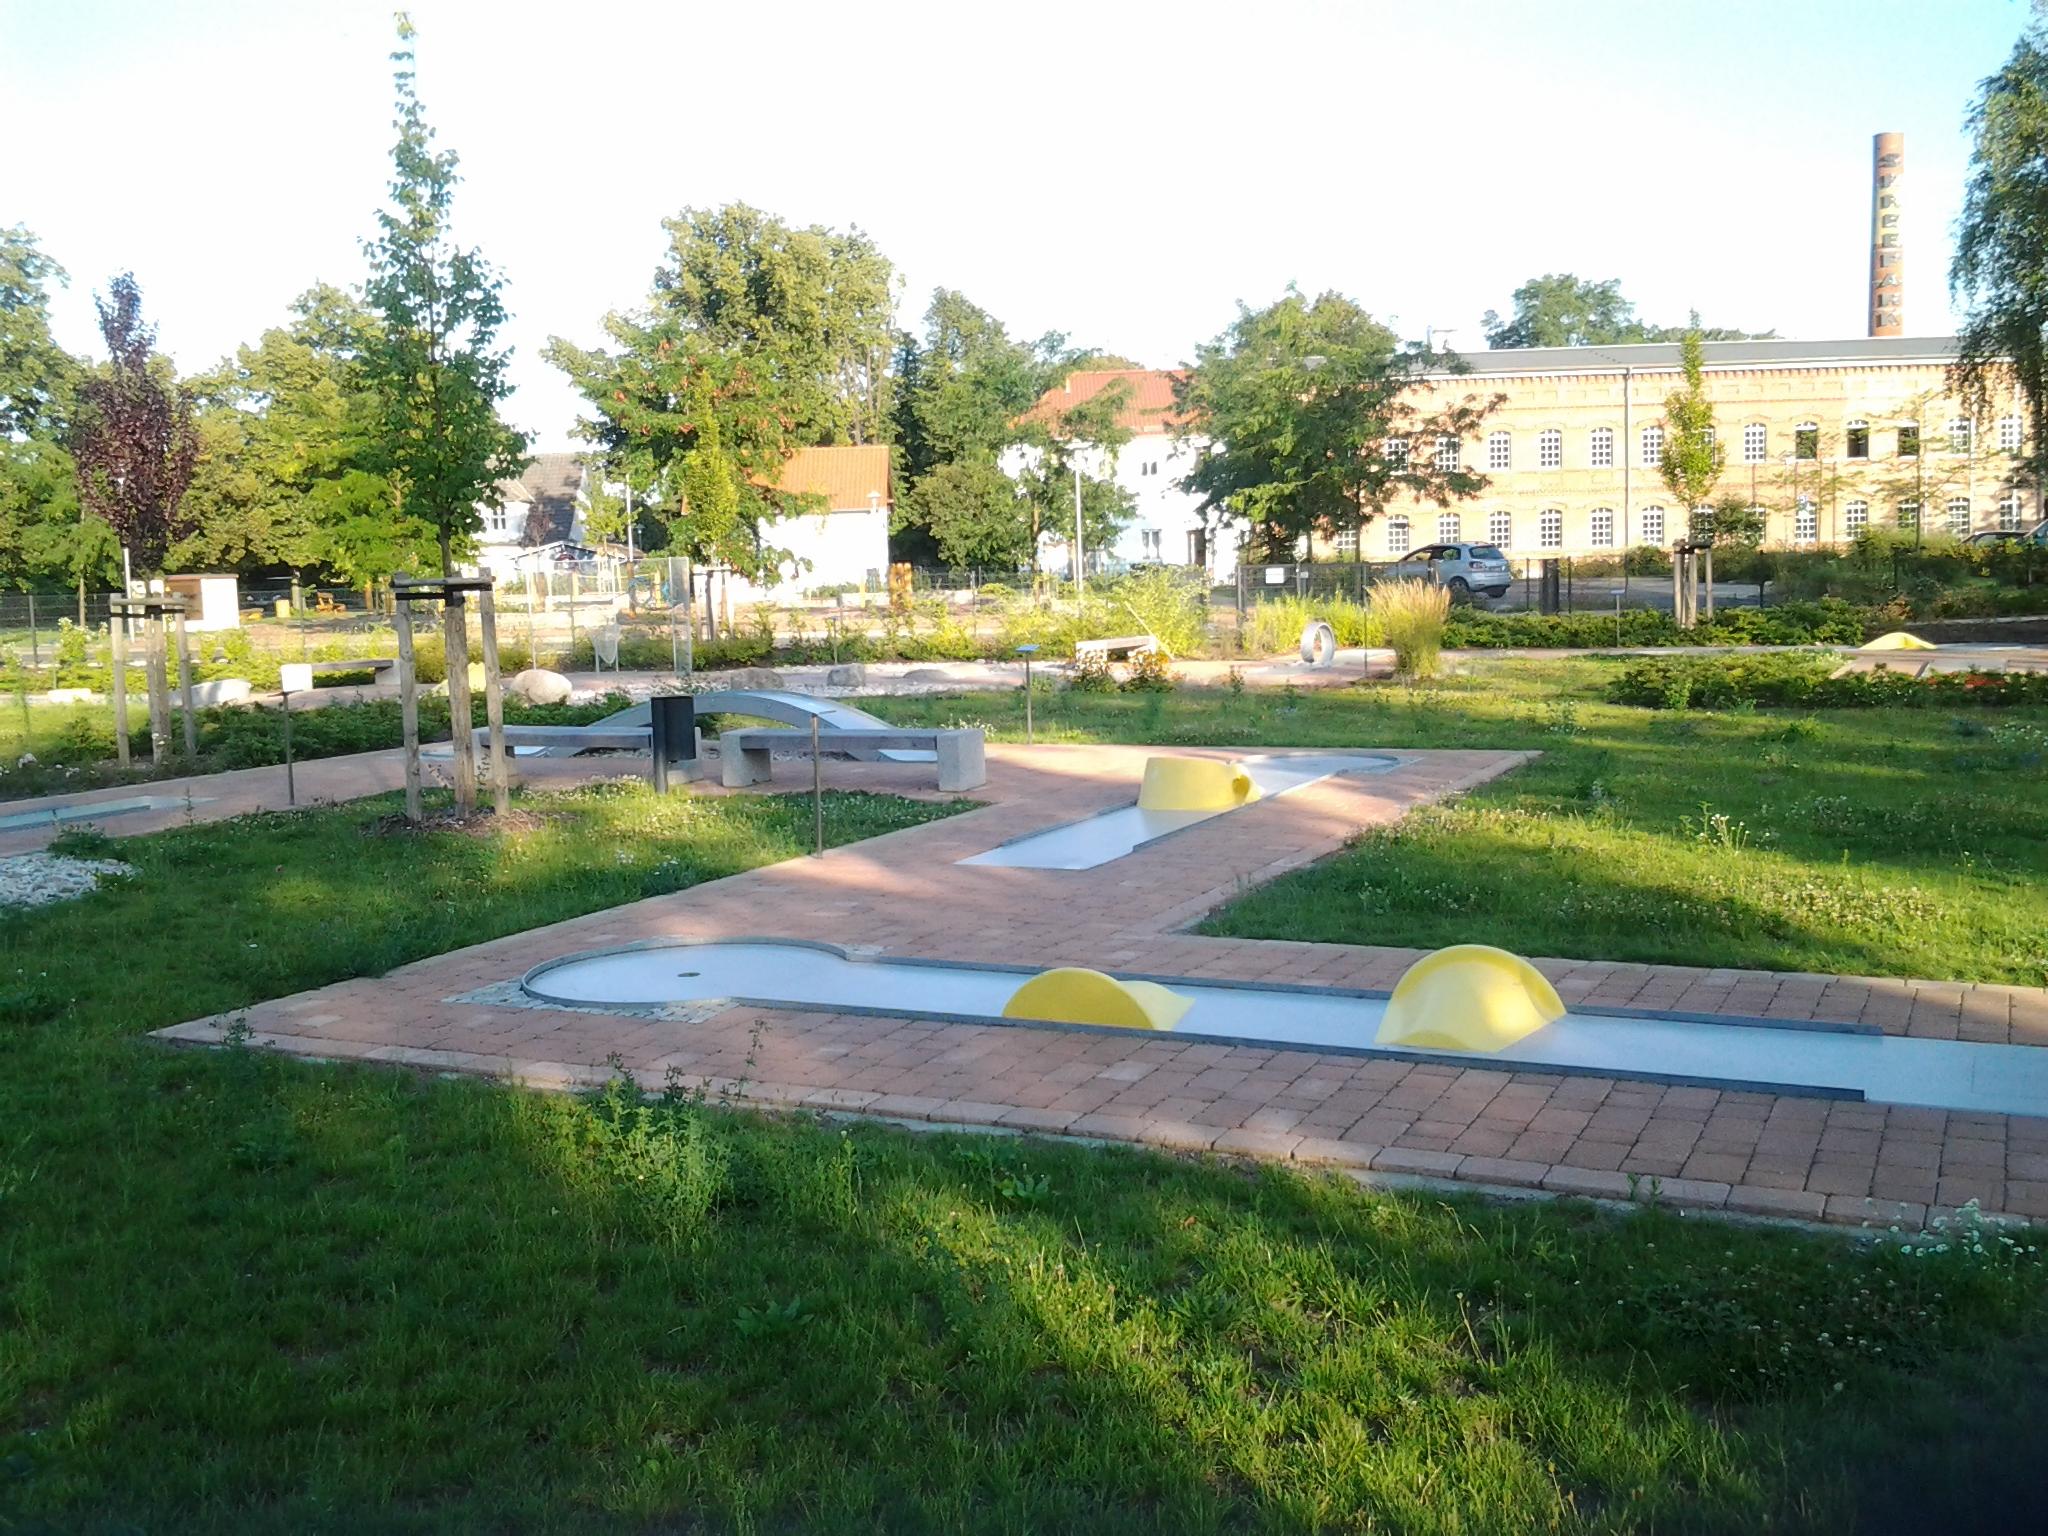 Concrete Mingolf-Anlage Beeskow